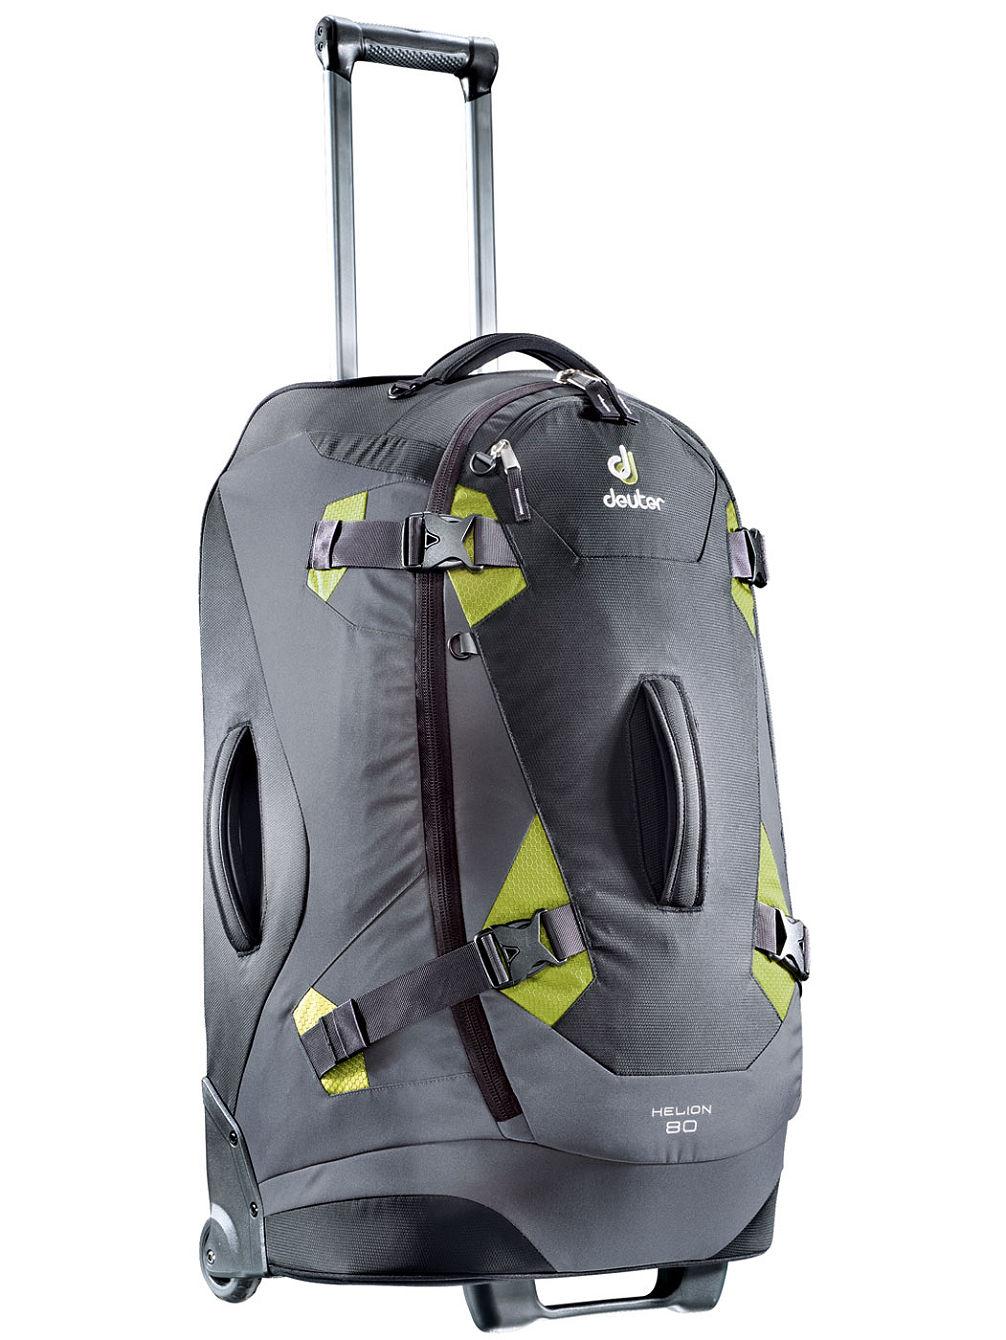 deuter helion 80 reisetasche online kaufen bei blue. Black Bedroom Furniture Sets. Home Design Ideas